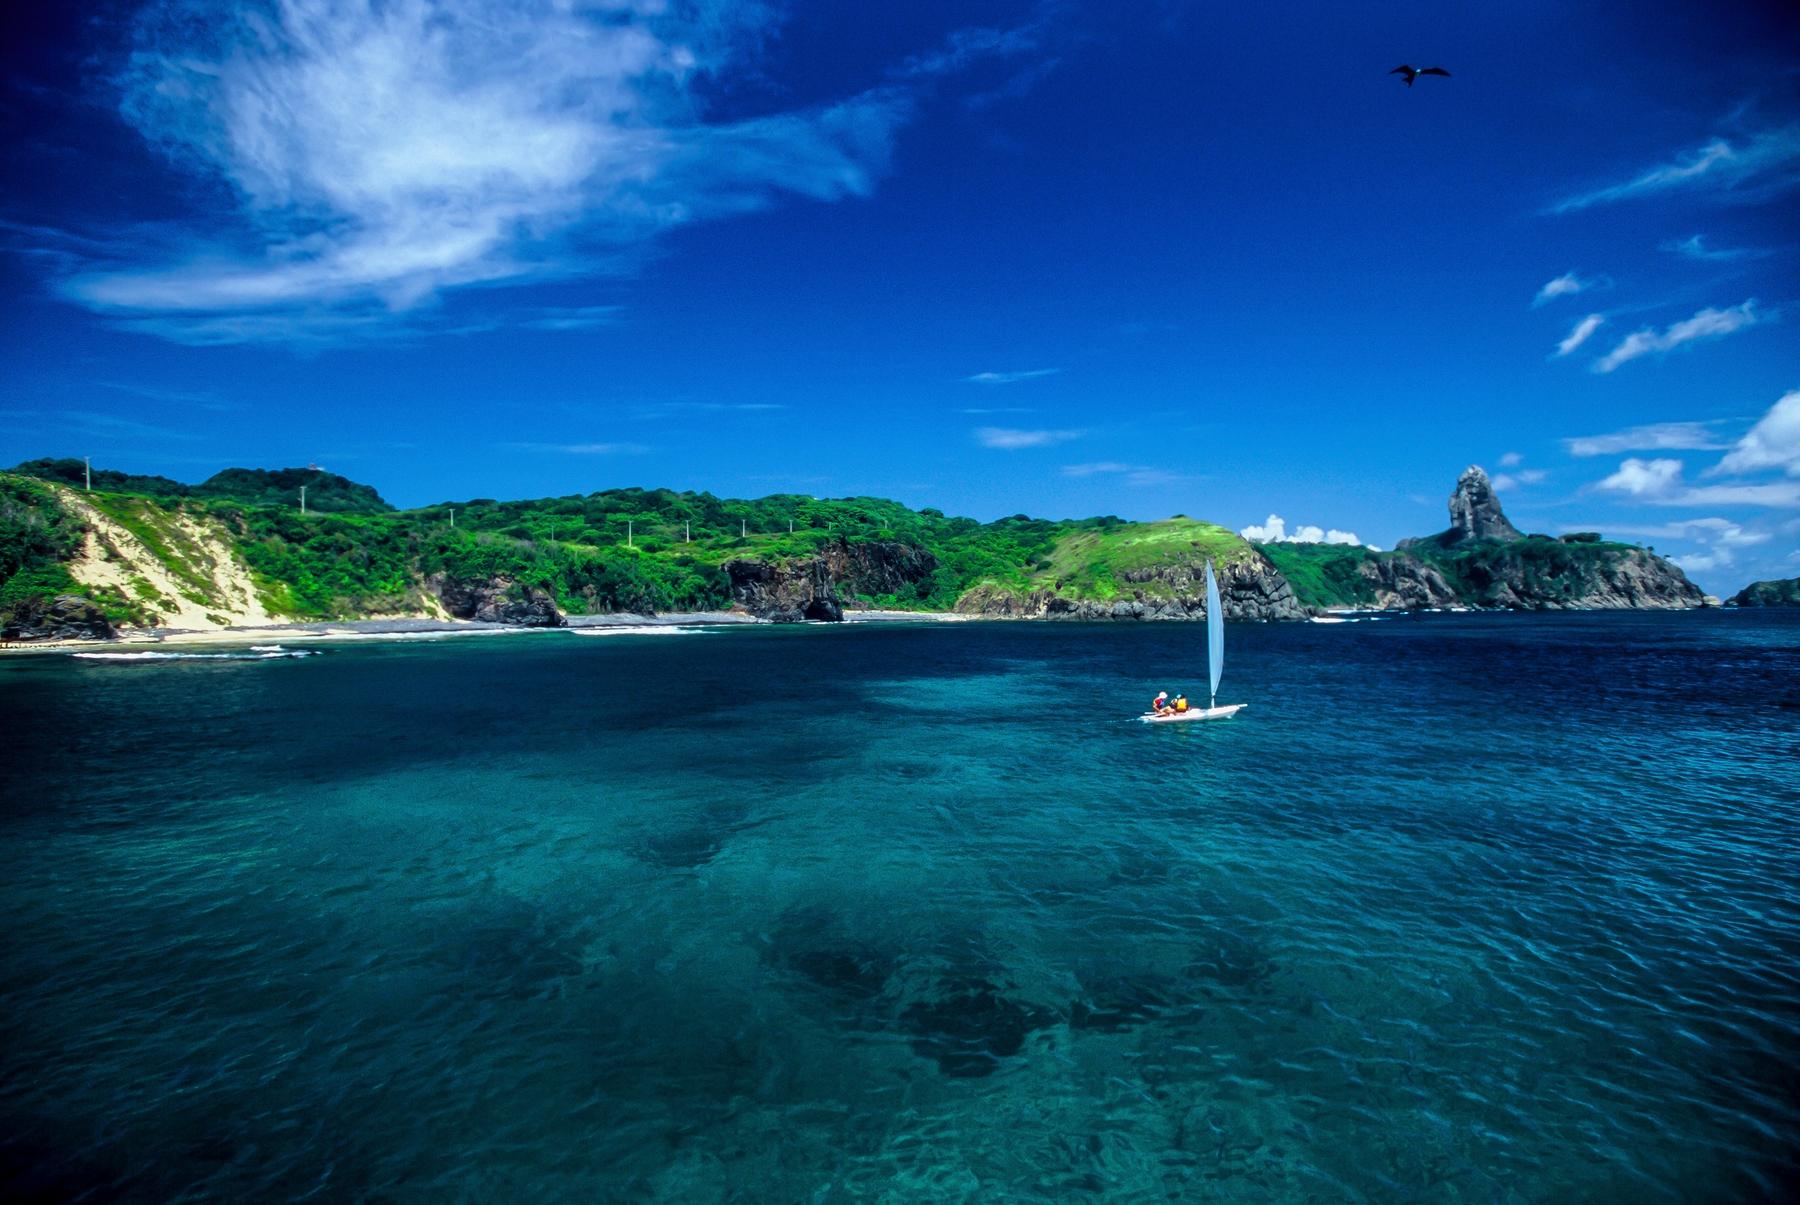 Barco navegando em Fernando de Noronha